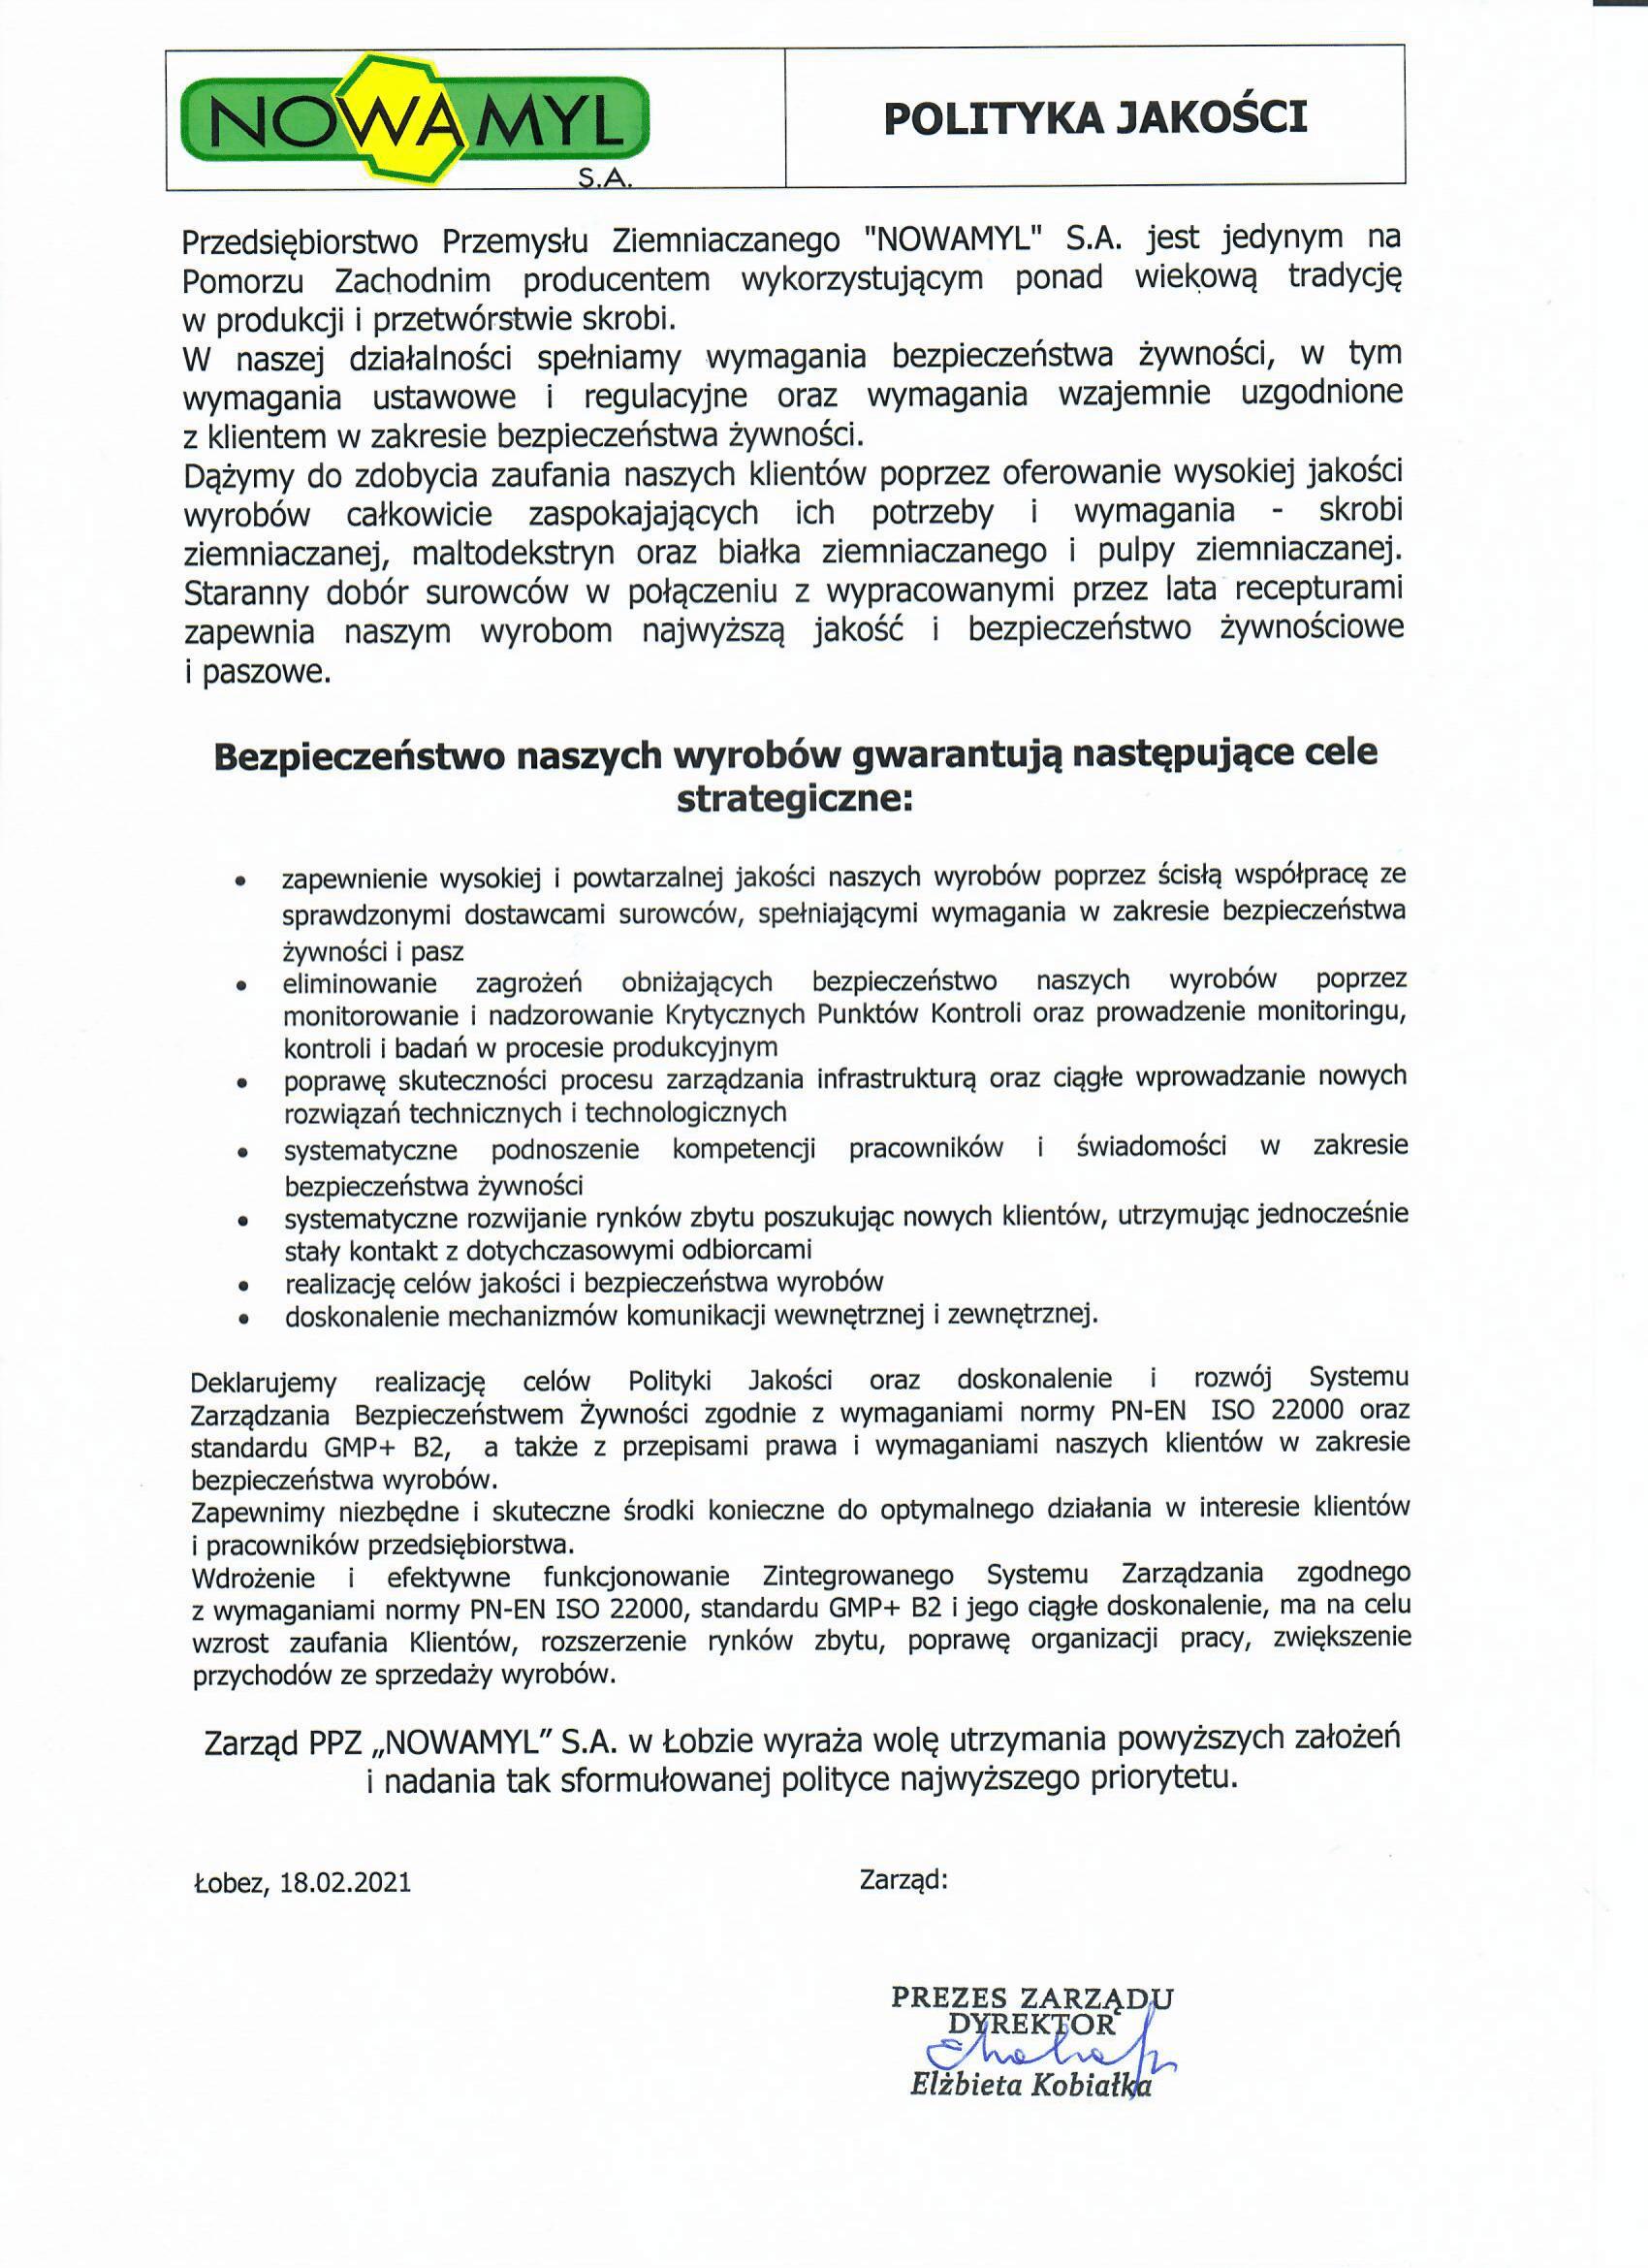 polityka jakości 18.02.2021-1